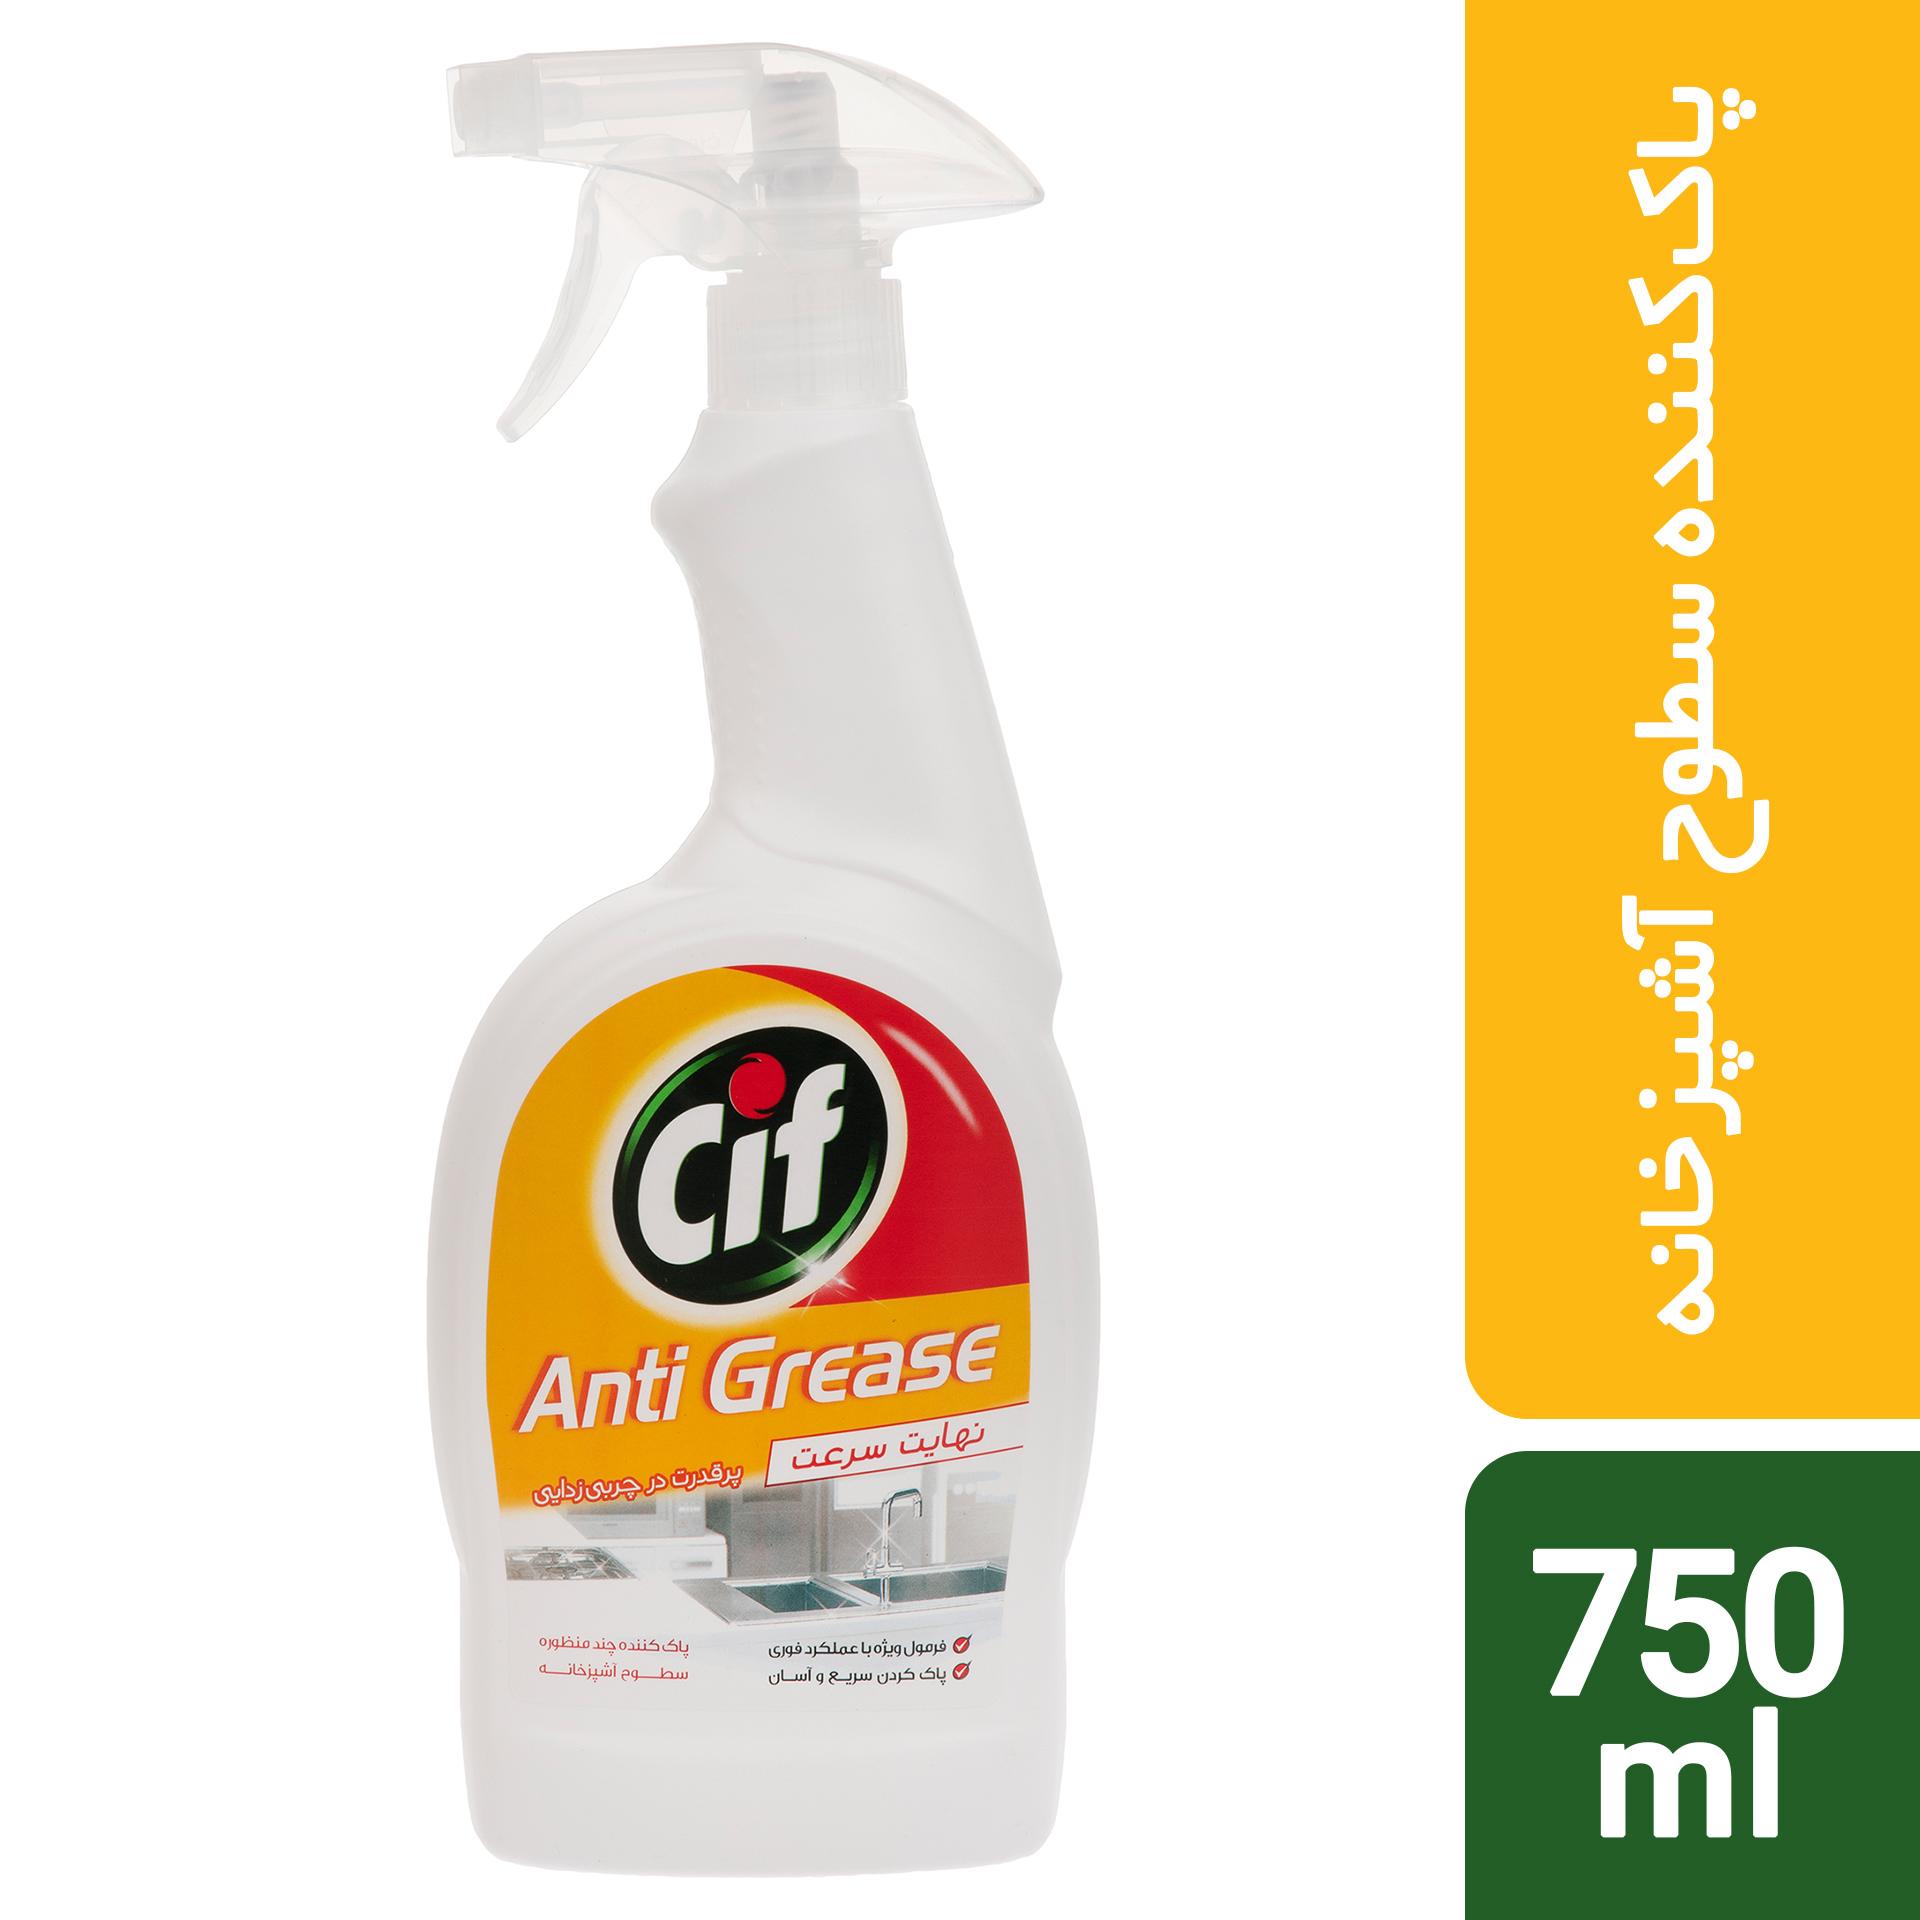 اسپری تمیزکننده سطوح آشپزخانه سیف مقدار 750 گرم